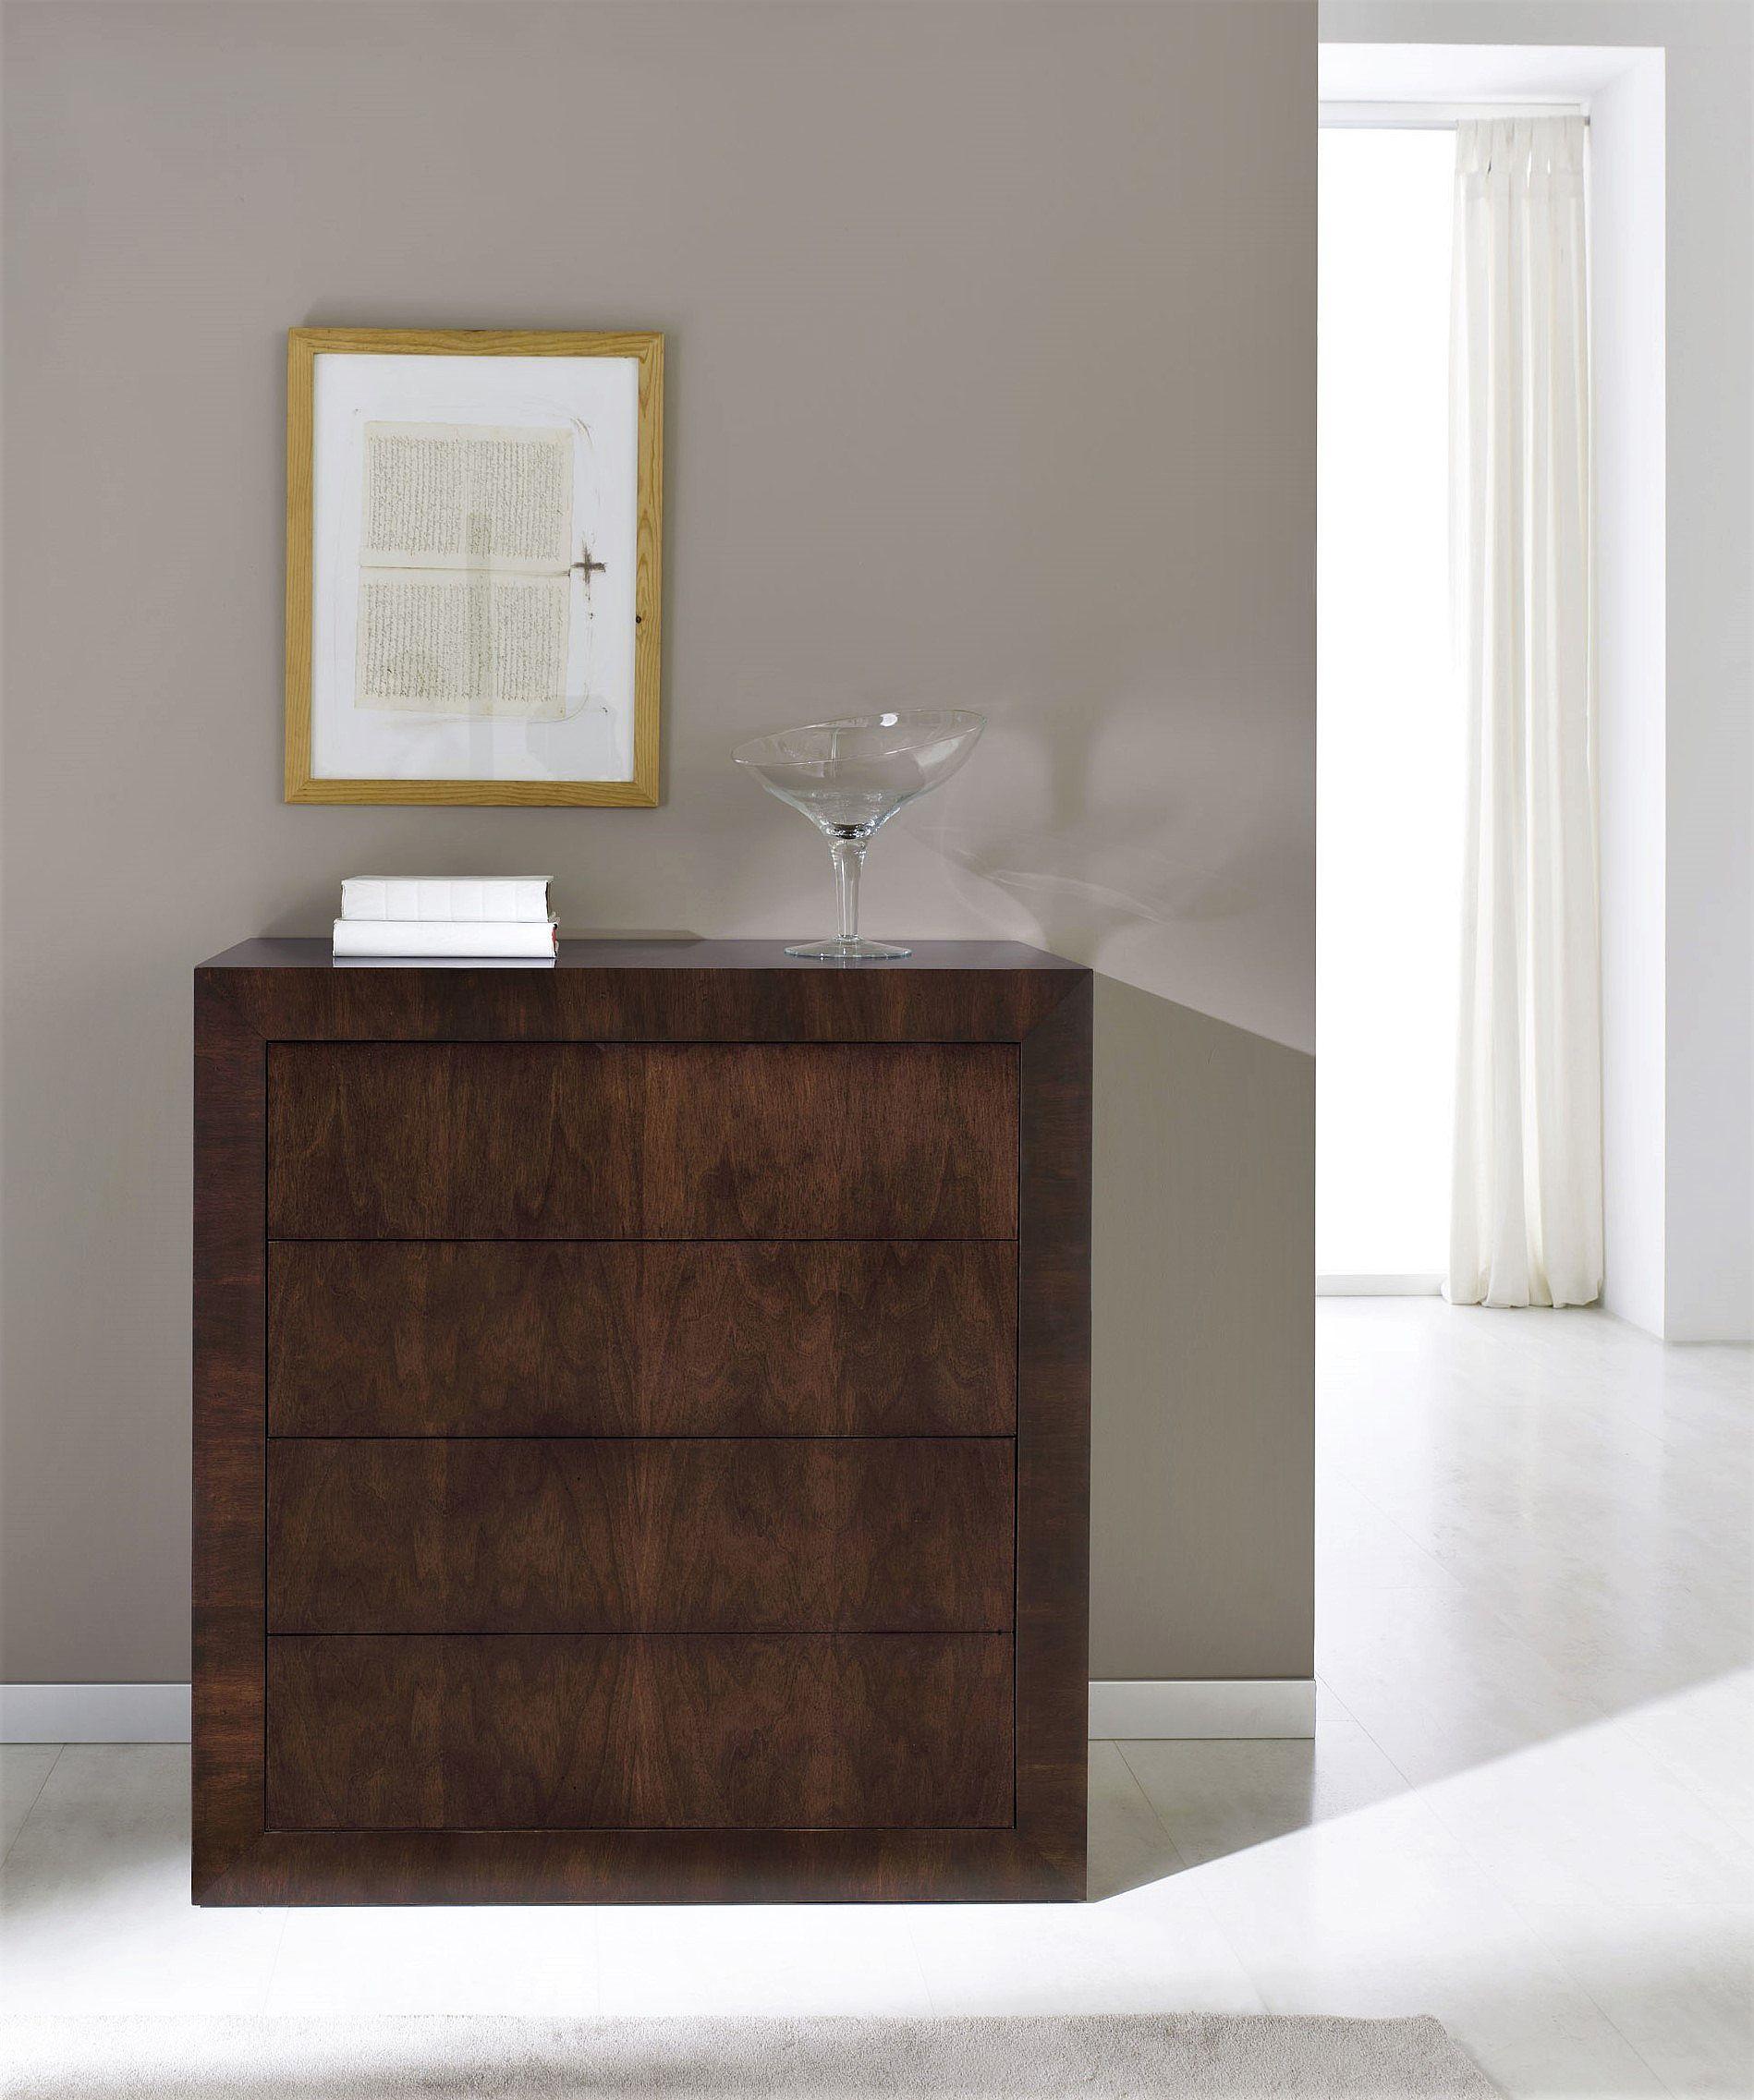 C Modas De Gran Capacidad Un Mueble Extremadamente Funcional # Muebles Reina Victoria